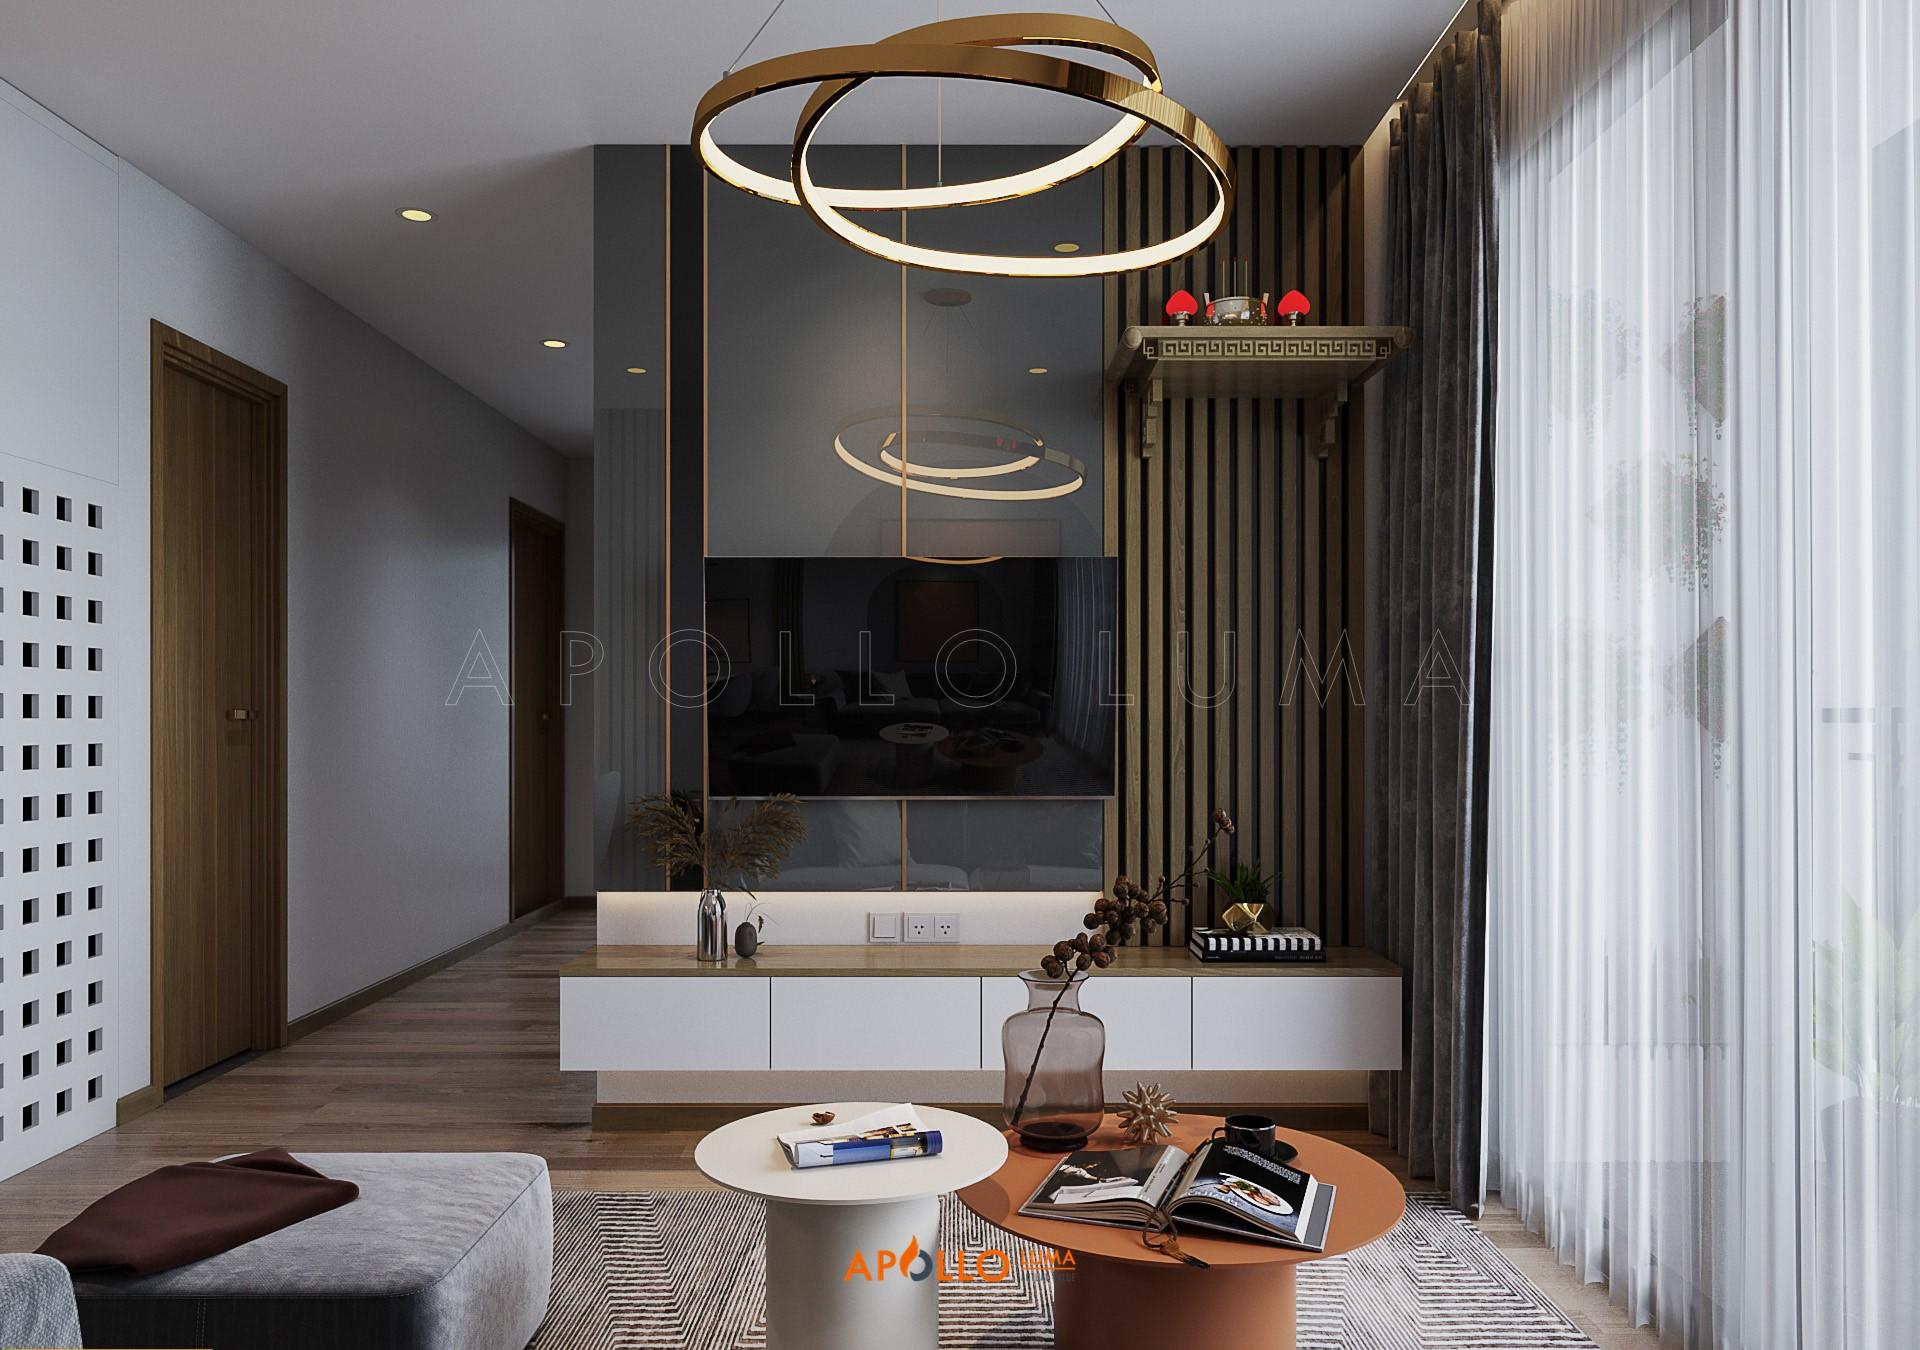 Thiết kế nội thất căn hộ 3 phòng ngủ Vinhomes Smart City Tây Mỗ